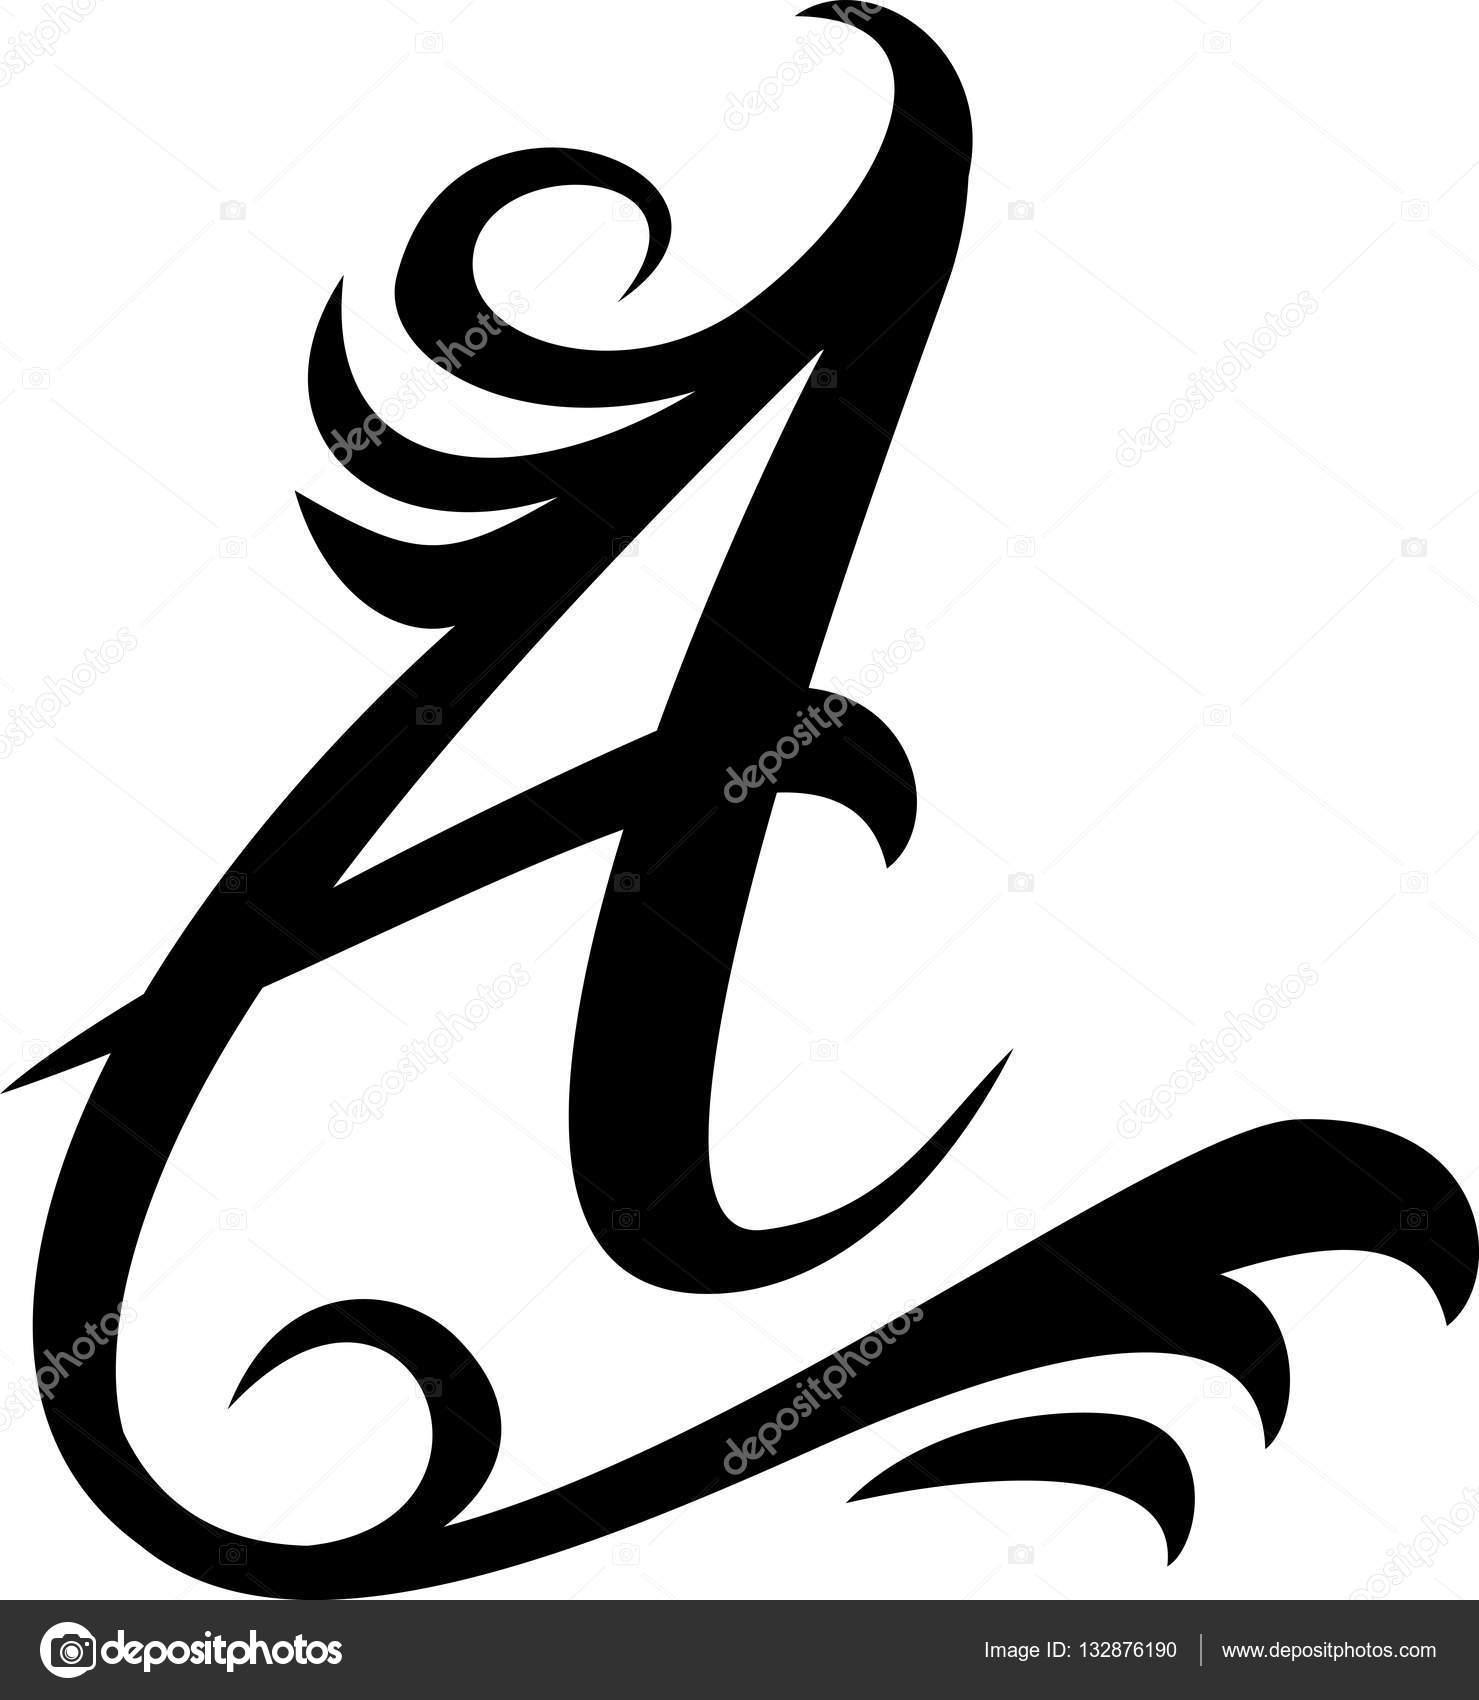 bfb2af4c8 Letra de preto A logotipo